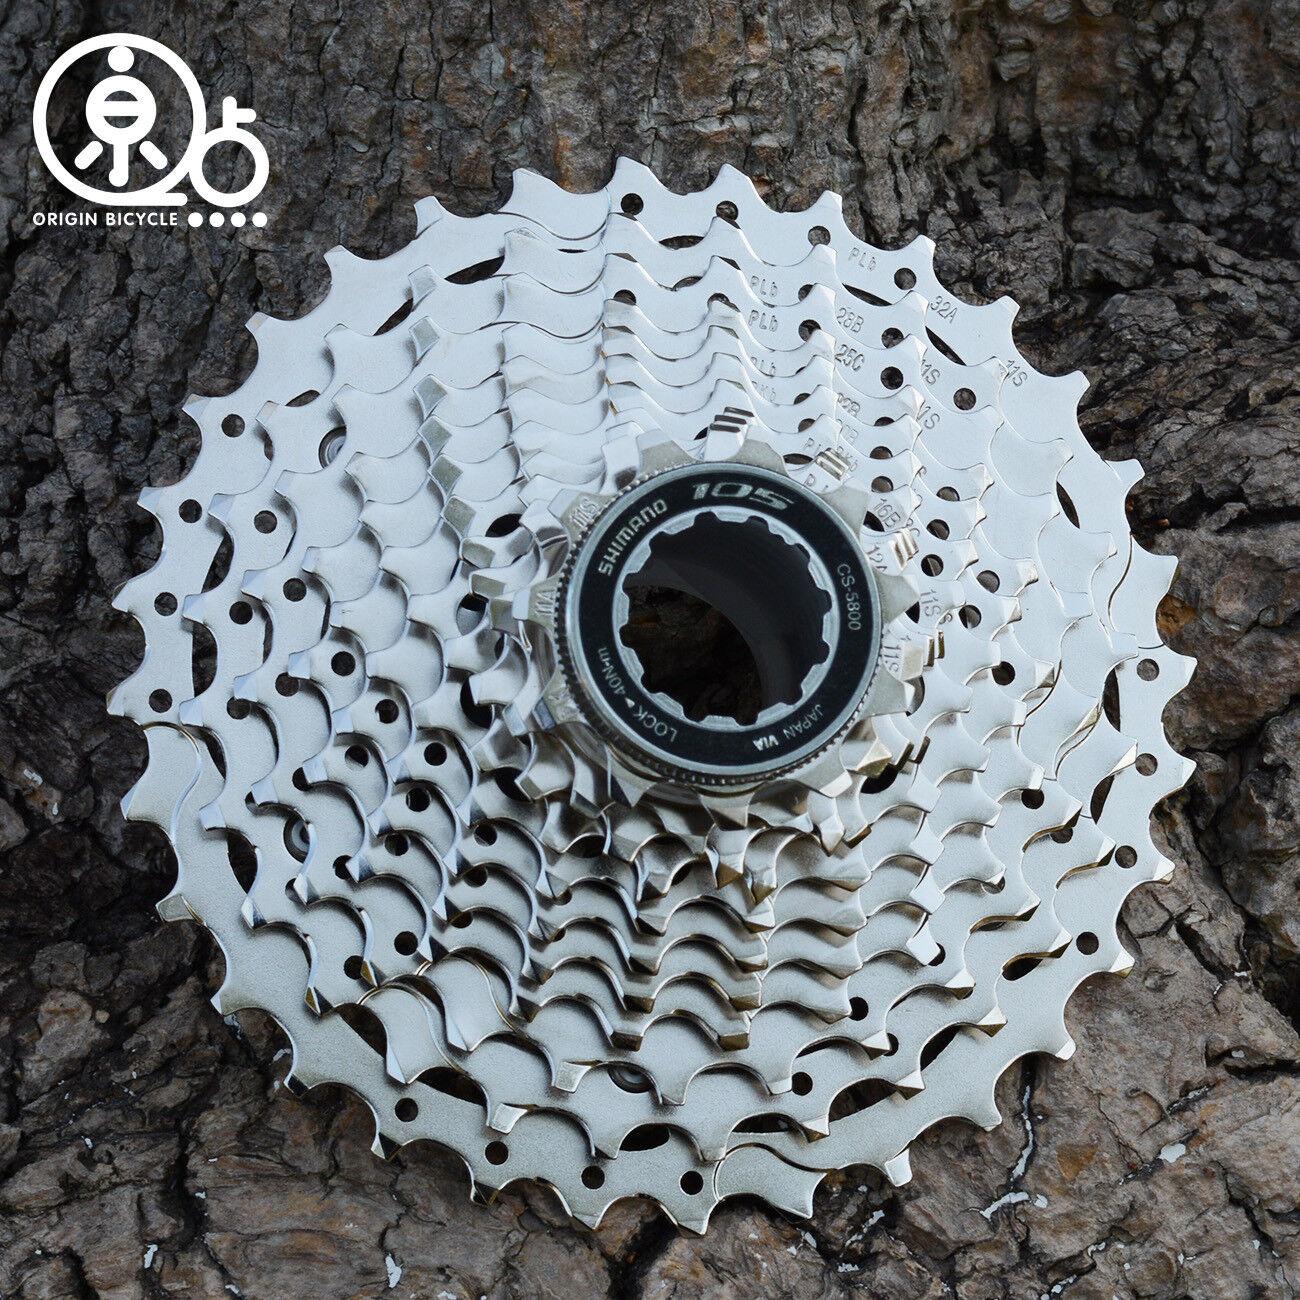 Shimano 105 CS5800 Road Bike 11 Speed Cassette Freewheels Cogs 1125T28T32T